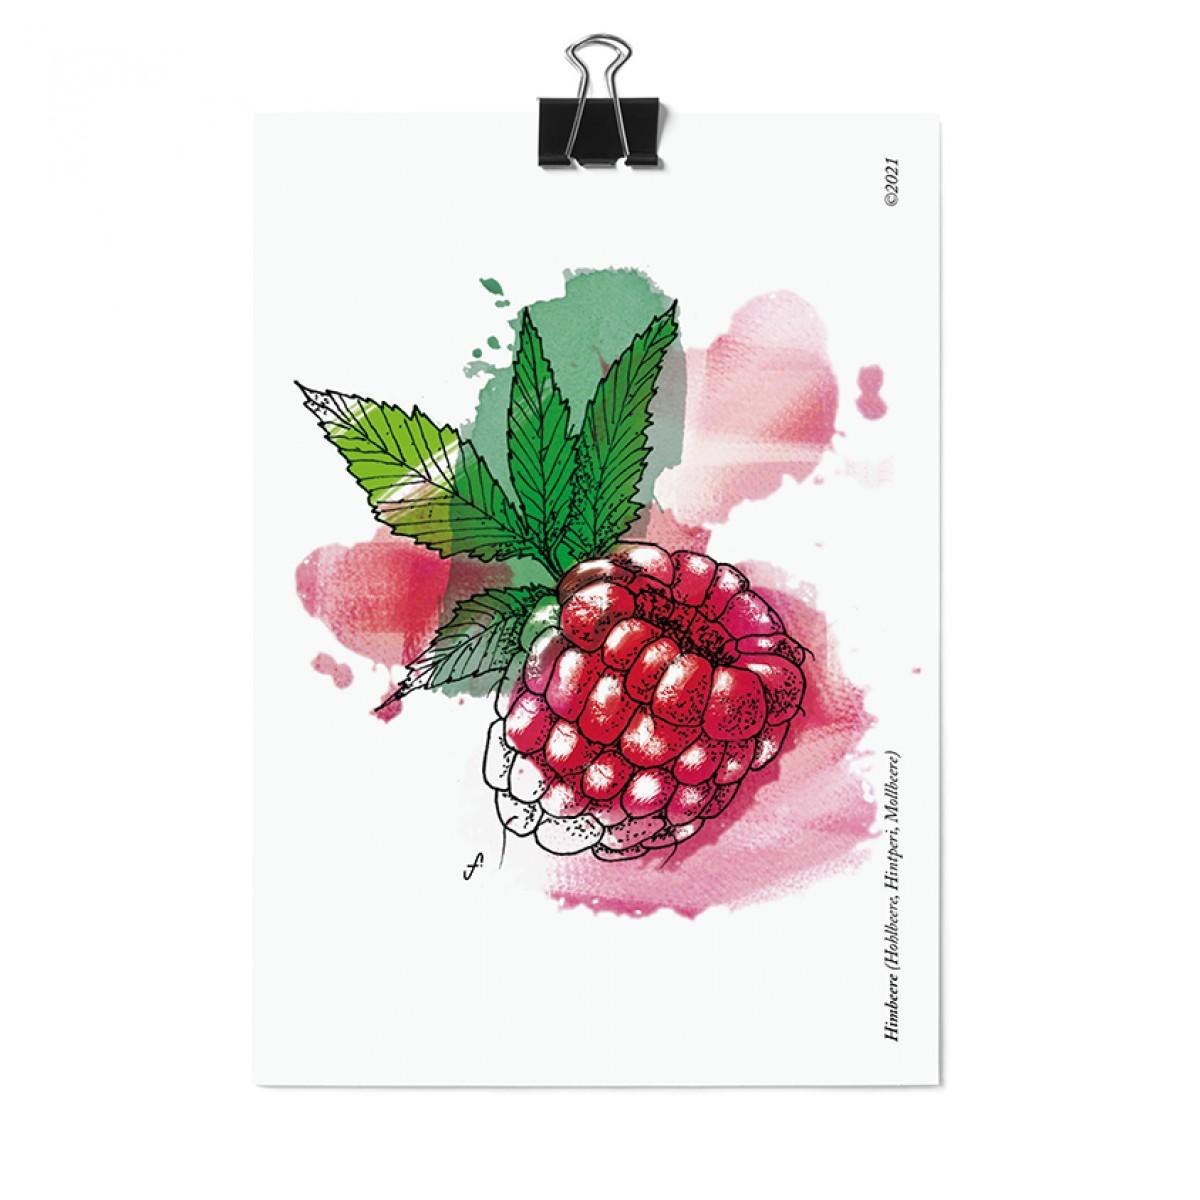 Postkartenset, 16 Obst und Gemüse Postkarten von Kupferstecher.Art